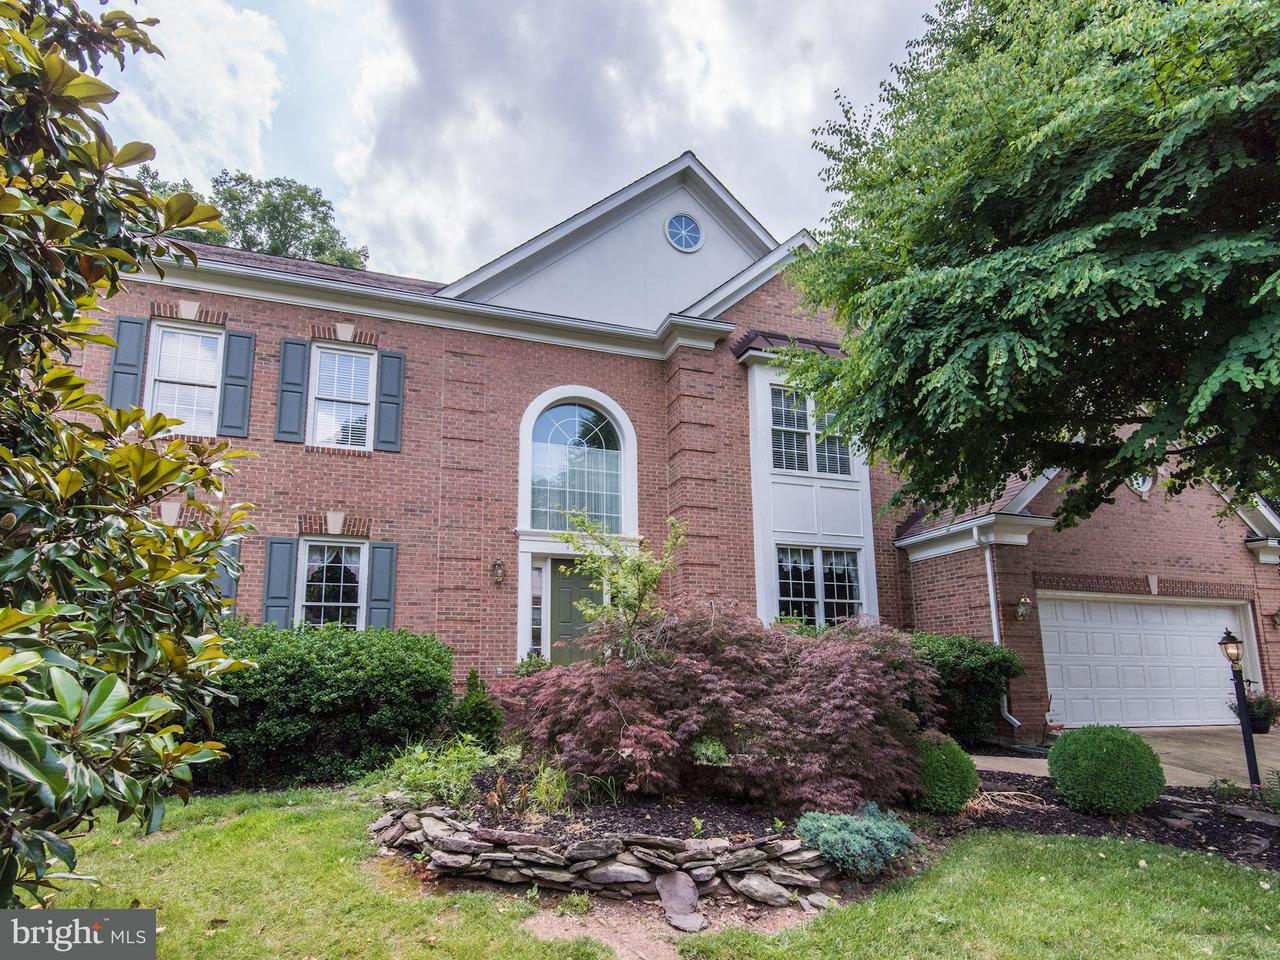 獨棟家庭住宅 為 出售 在 47544 COMPTON Circle 47544 COMPTON Circle Sterling, 弗吉尼亞州 20165 美國